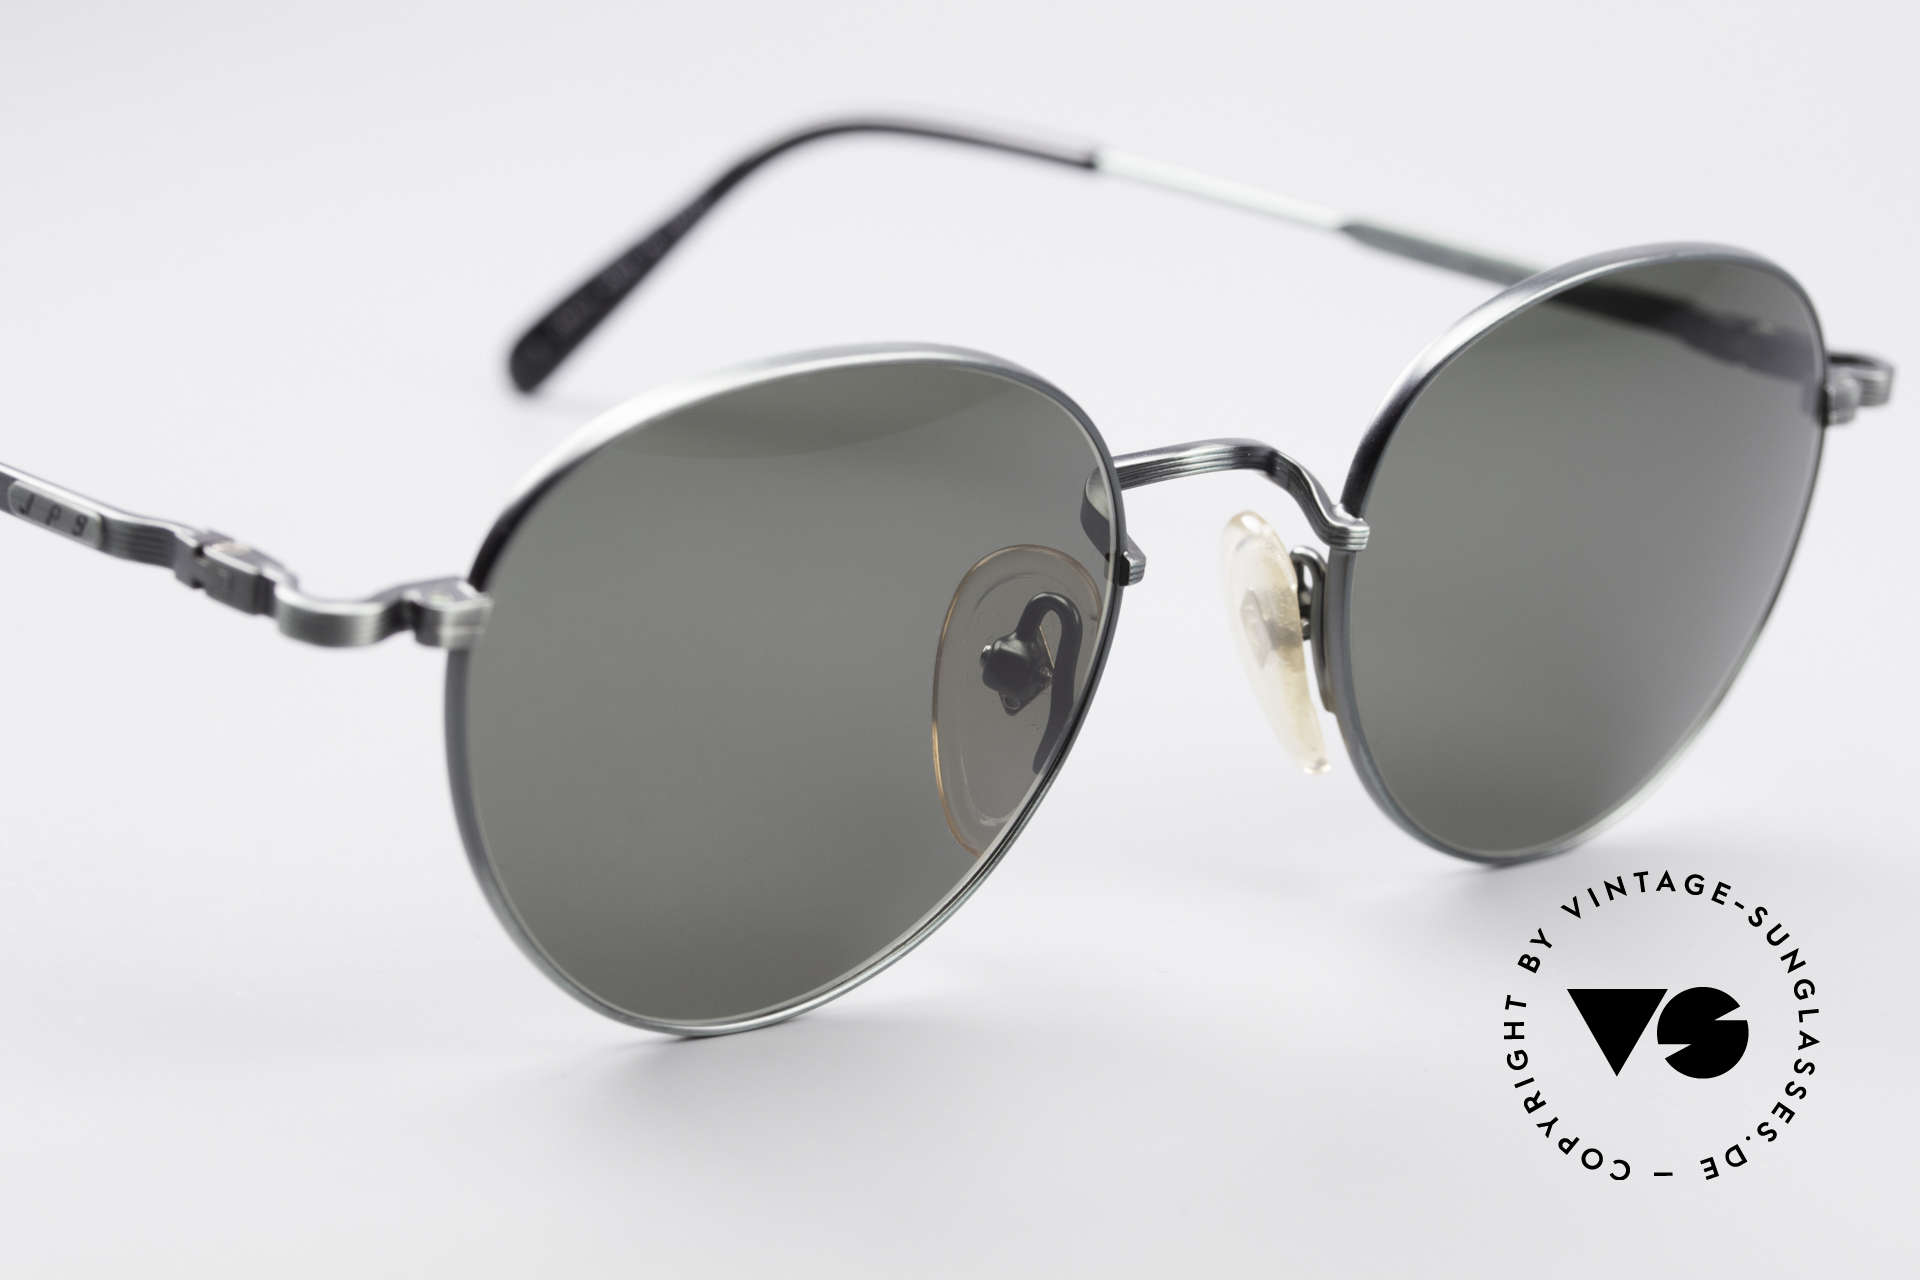 Jean Paul Gaultier 55-1174 Runde Designer Sonnenbrille, ungetragen (wie alle unsere vintage GAULTIER Brillen), Passend für Herren und Damen